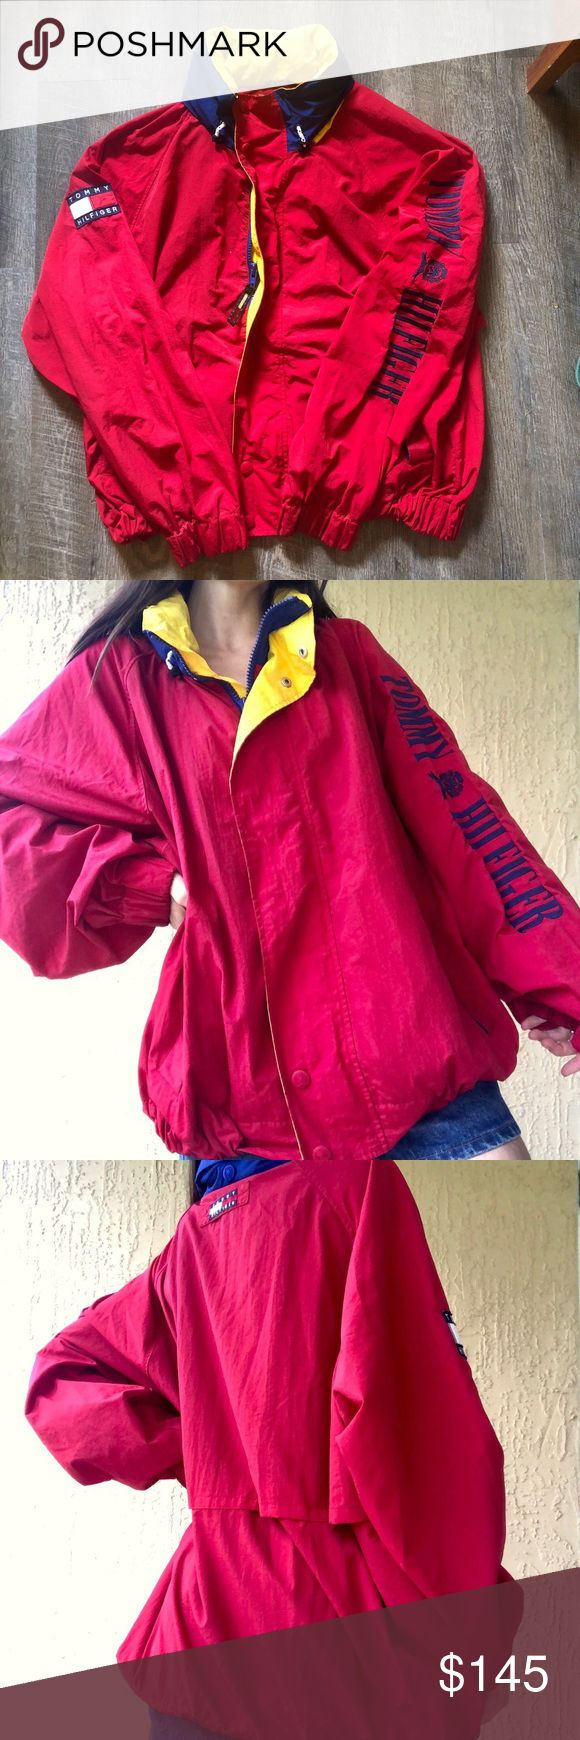 Tommy Hilfiger Jacket Vintage Authentic Tommy Hilfiger